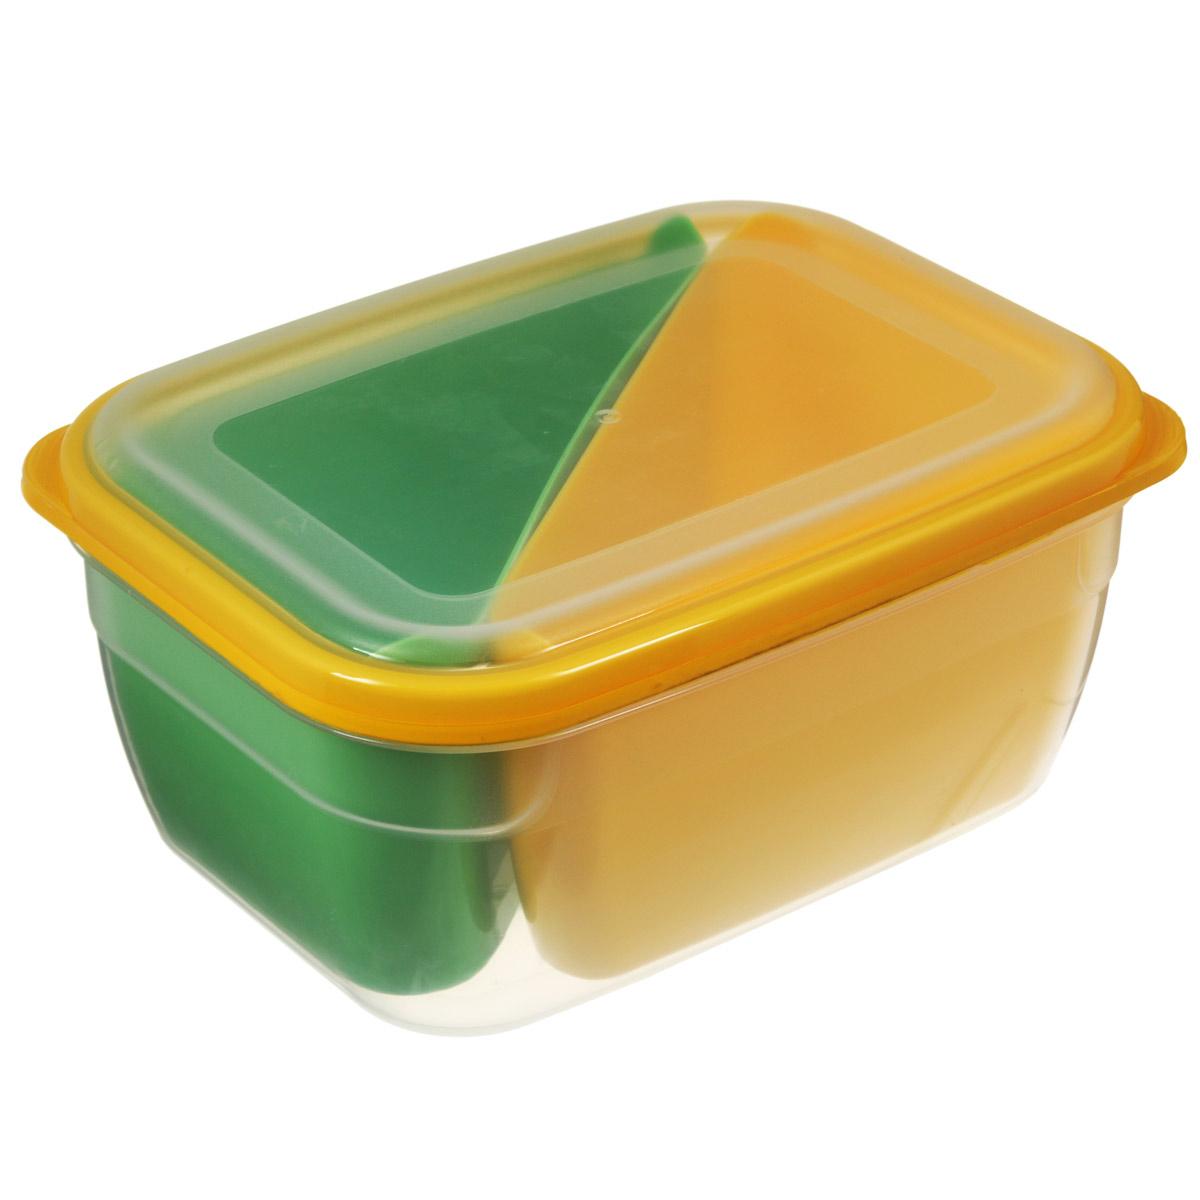 Контейнер-менажница для СВЧ Полимербыт, цвет: зеленый, желтый, 1,8 лMC18Контейнер-менажница для СВЧ Полимербыт изготовлен из высококачественного прочного пластика, устойчивого к высоким температурам (до +120°С). Крышка плотно закрывается, дольше сохраняя продукты свежими и вкусными. Контейнер снабжен 2 цветными секциями, которые позволяют хранить сразу несколько продуктов или блюд. Он идеально подходит для хранения пищи, его удобно брать с собой на работу, учебу, пикник или просто использовать для хранения пищи в холодильнике.Можно использовать в микроволновой печи и для заморозки в морозильной камере. Можно мыть в посудомоечной машине. Размер секции: 9 см х 18,5 см х 7,5 см.Размер контейнера: 19,5 см х 14,5 см х 9 см.